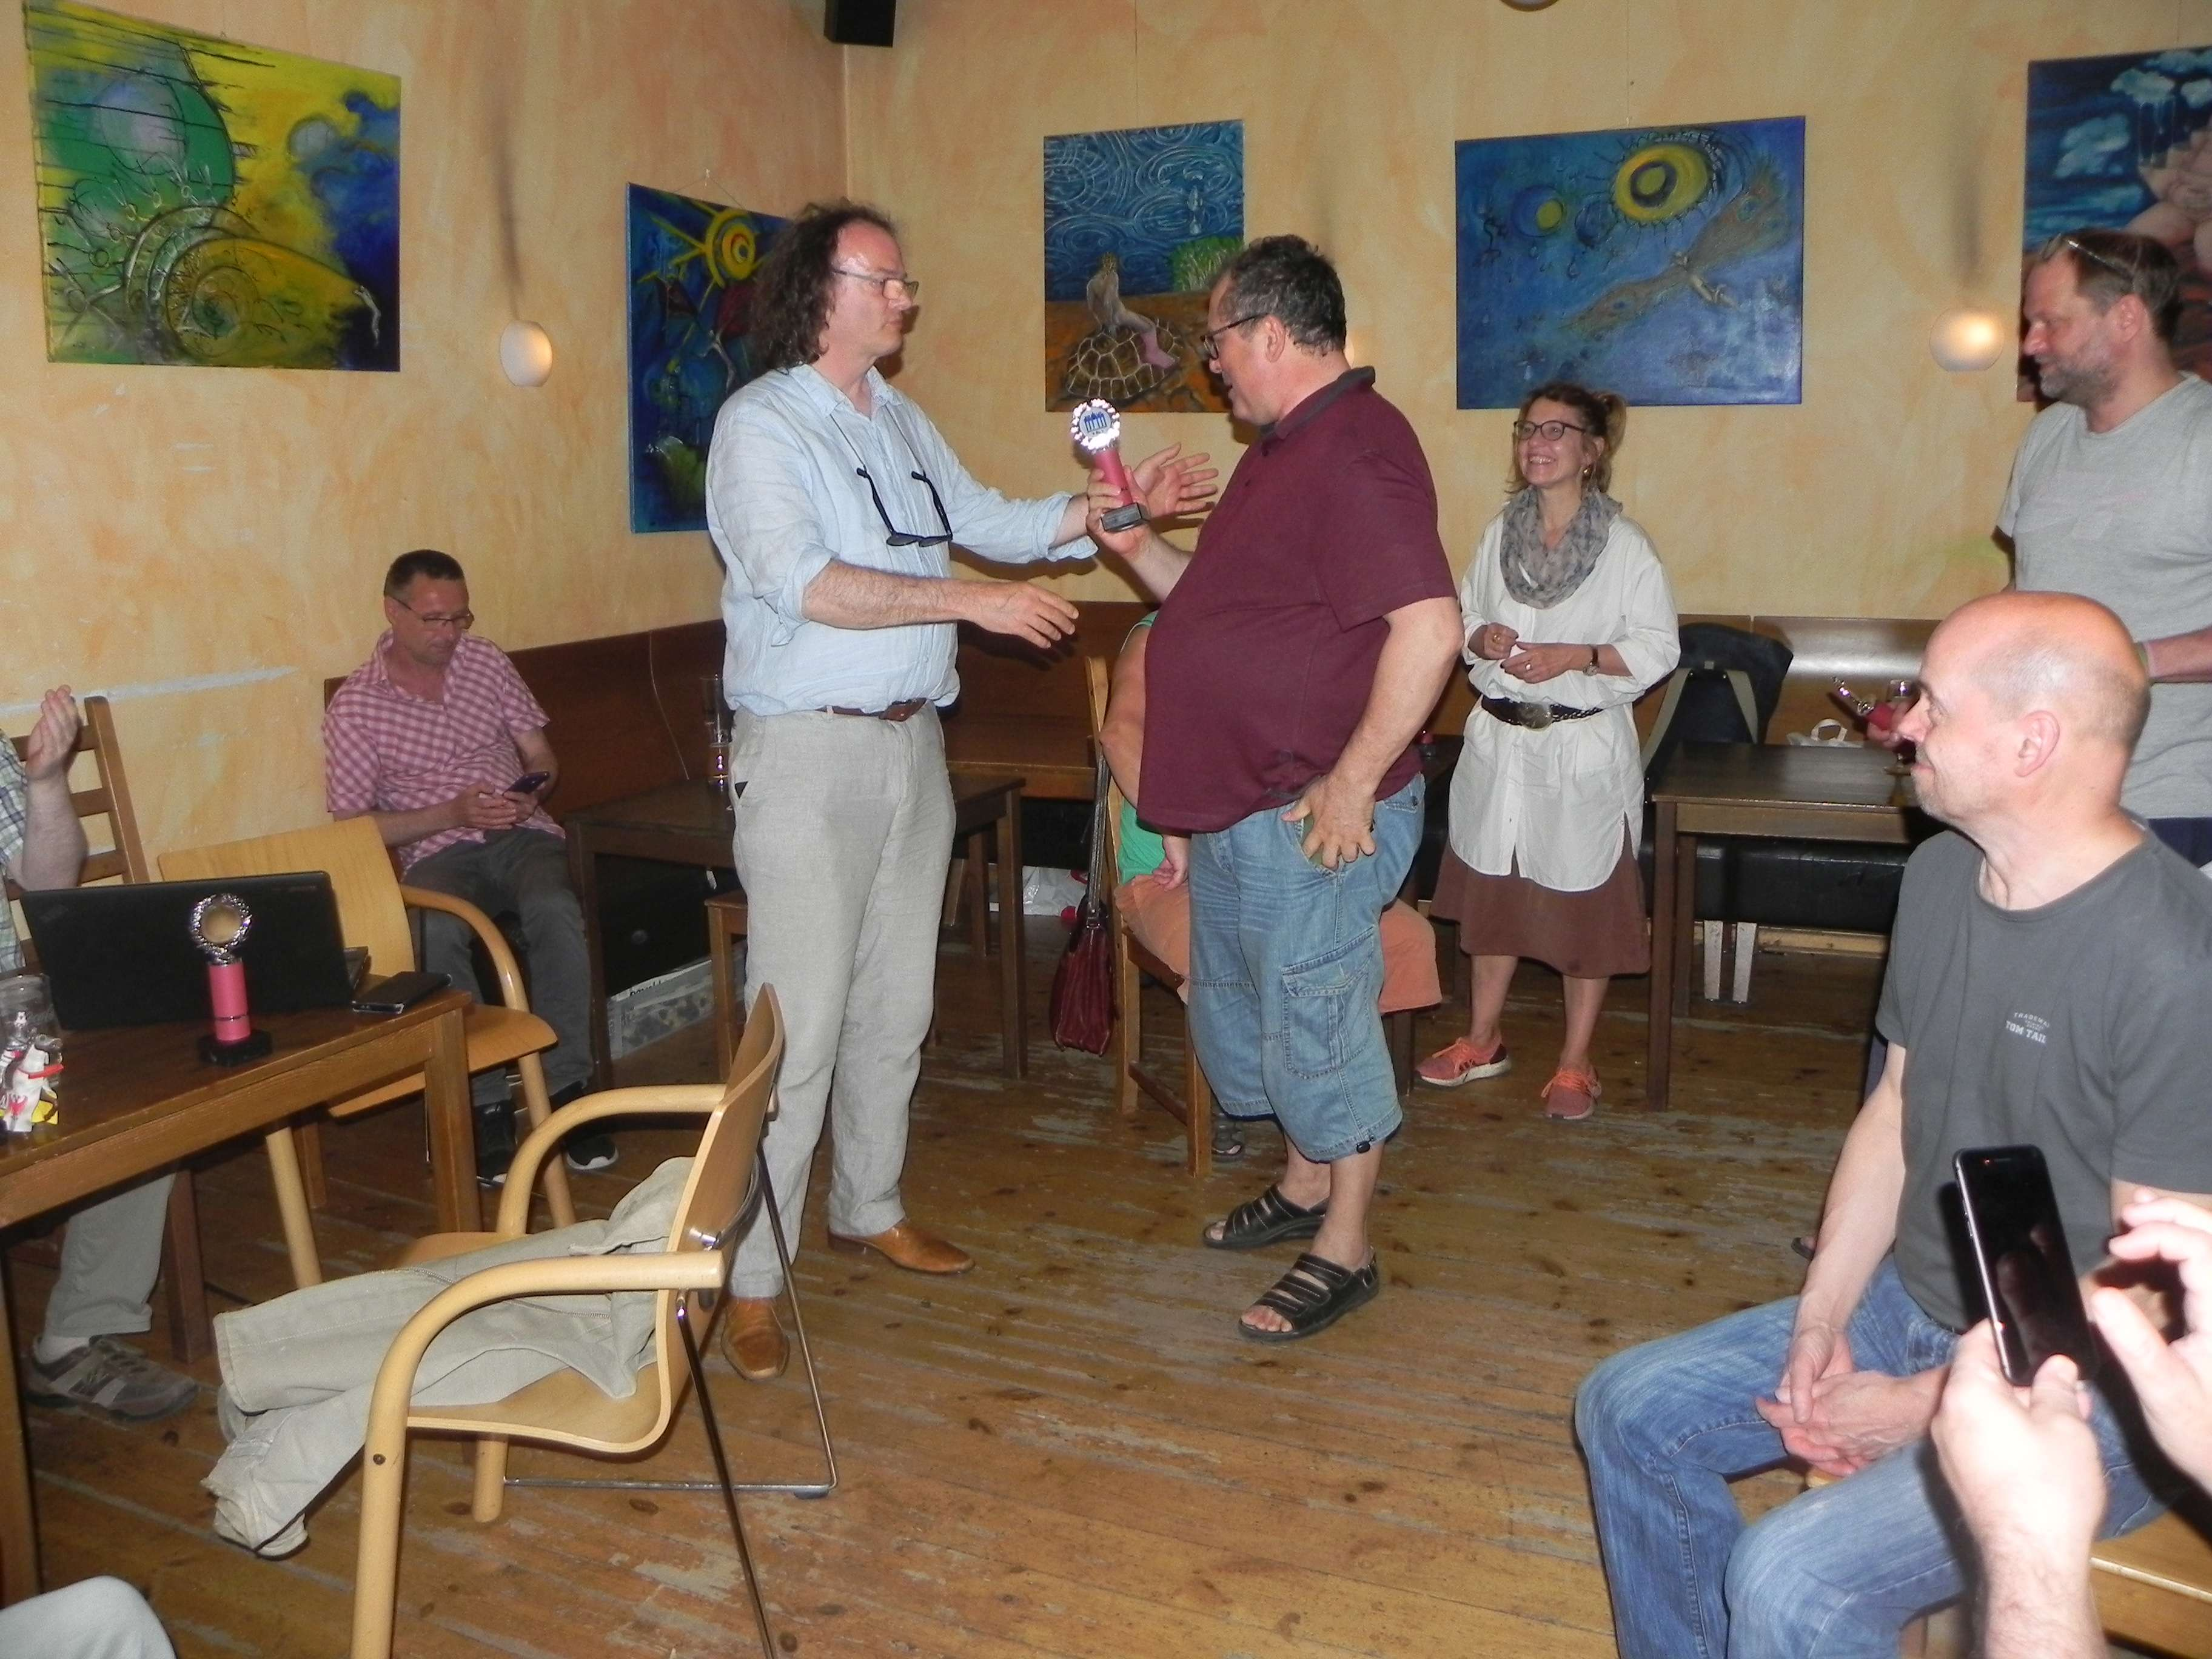 Sieger des Director's Tournaments: Vitali Olchanski prüft mit skeptischem Blick den Pokal